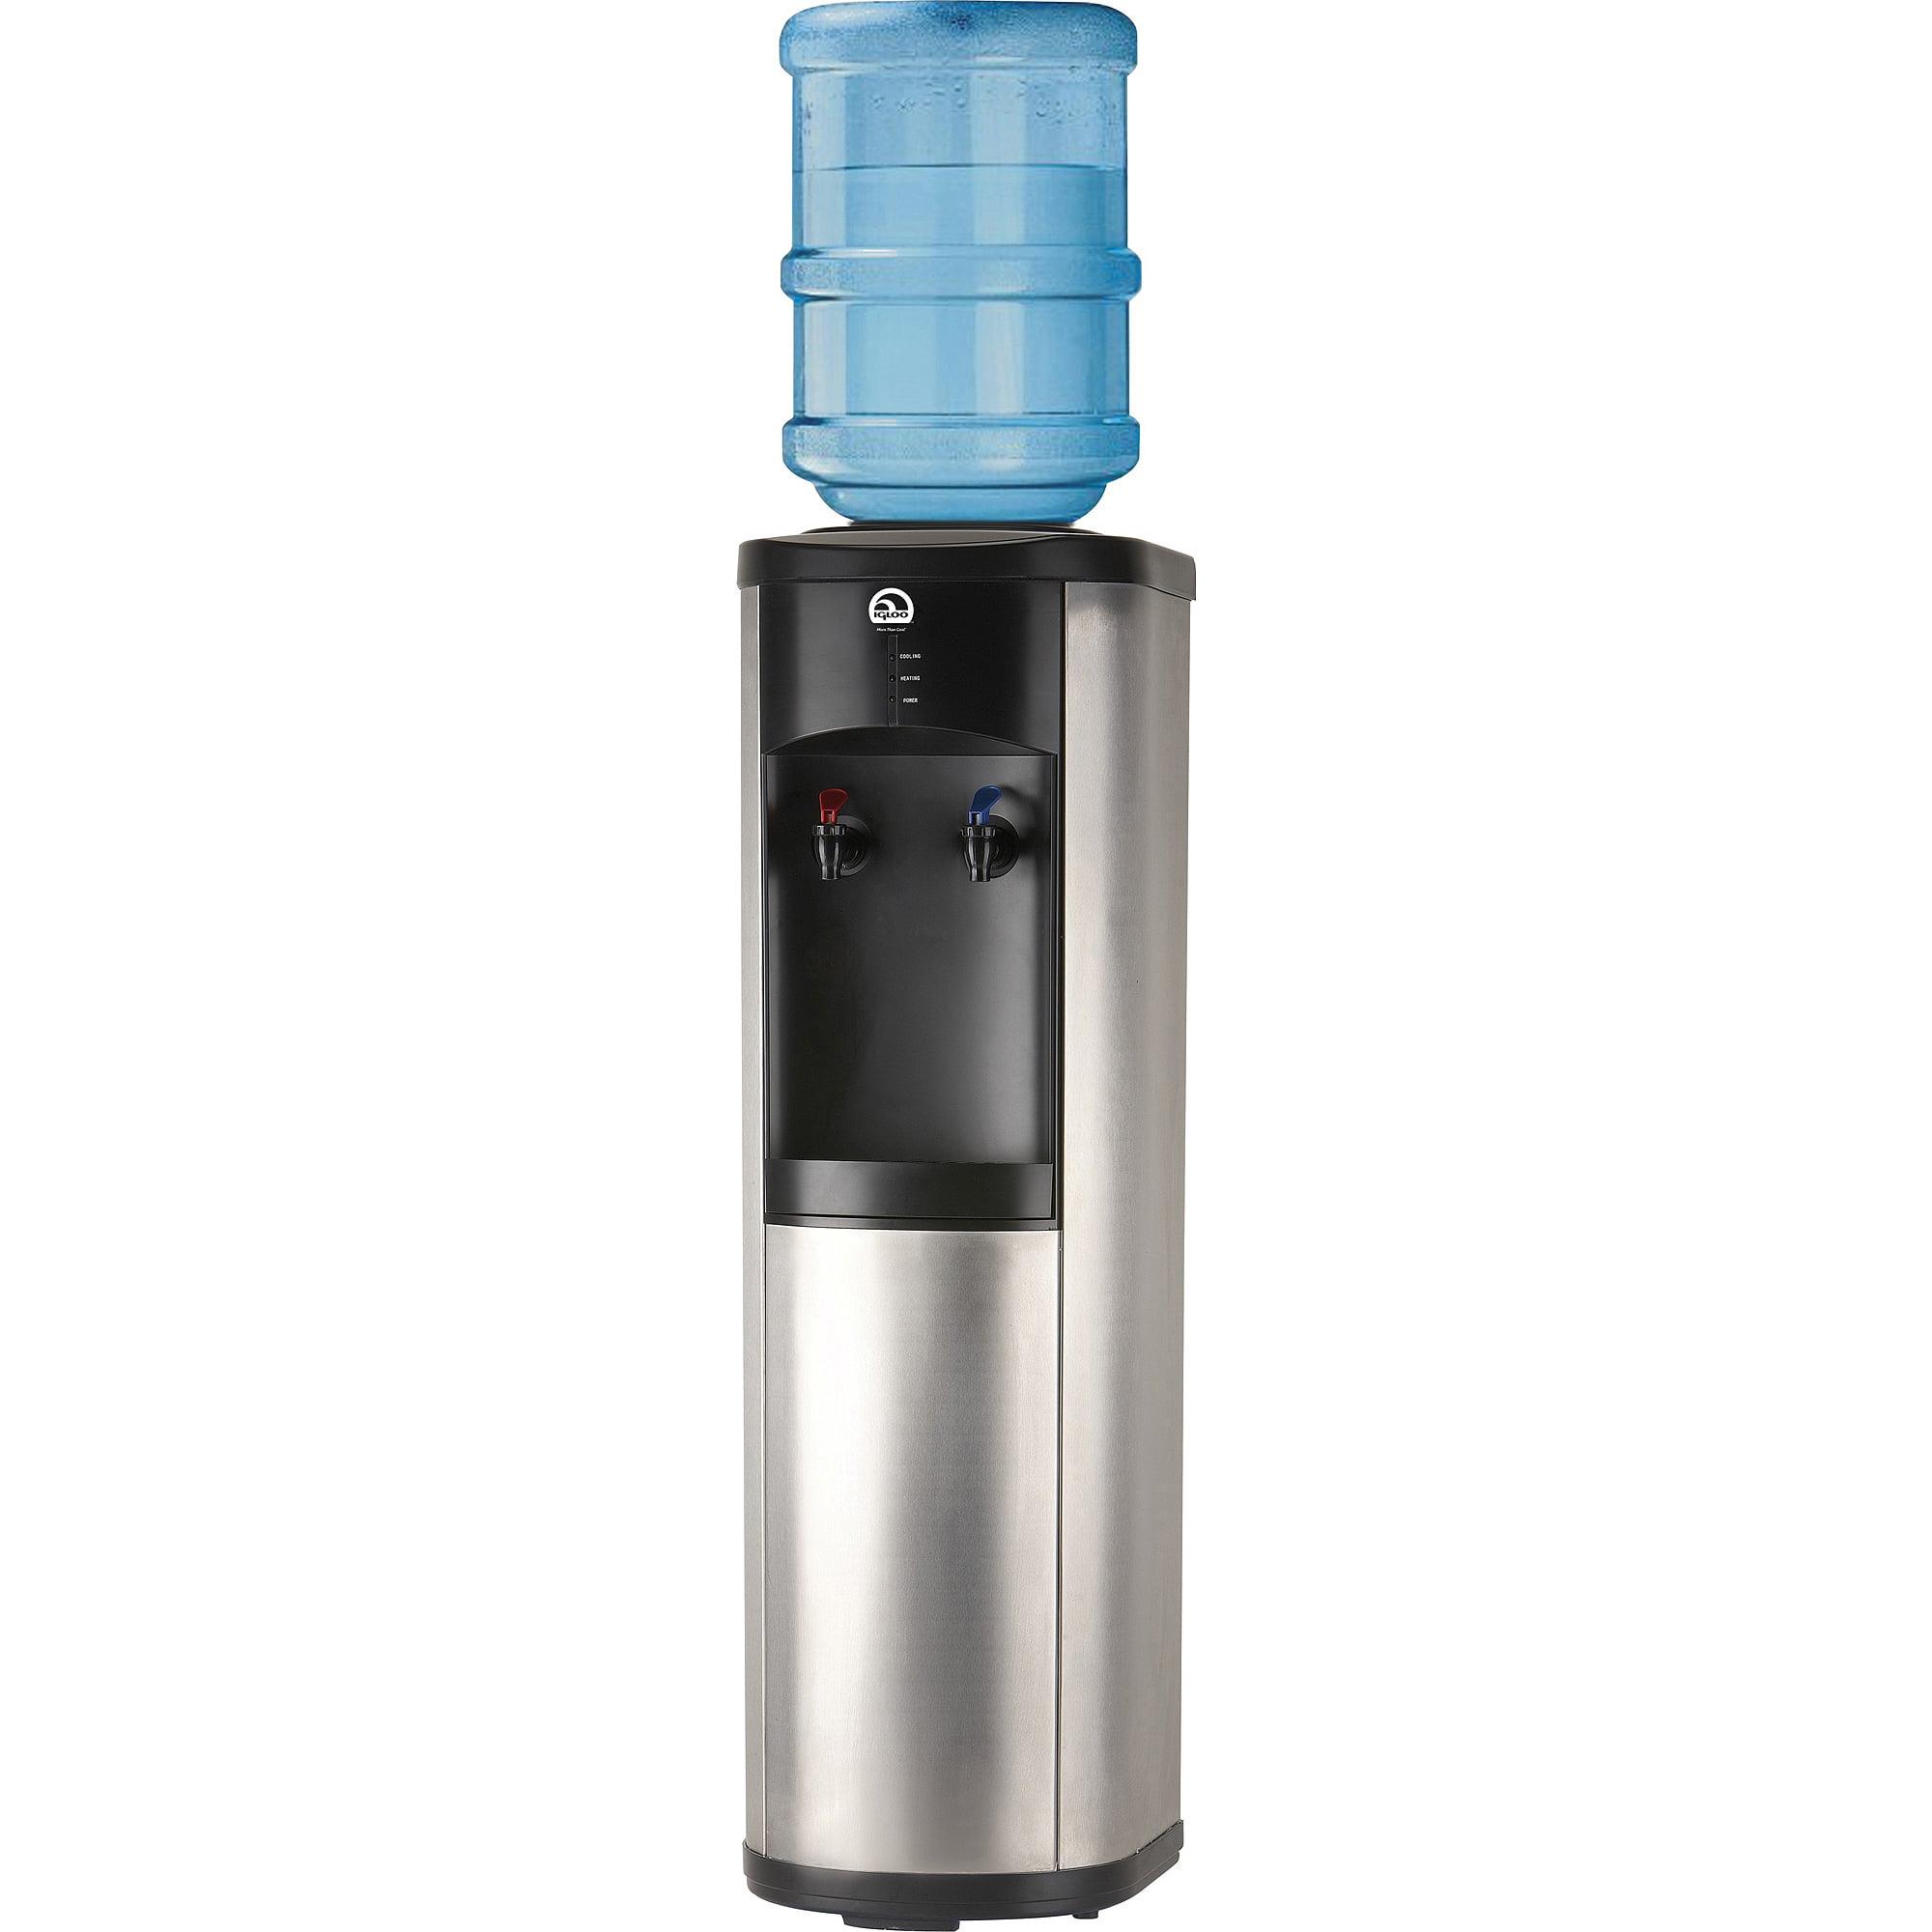 Igloo Bottom-Loading Water Dispenser, Black